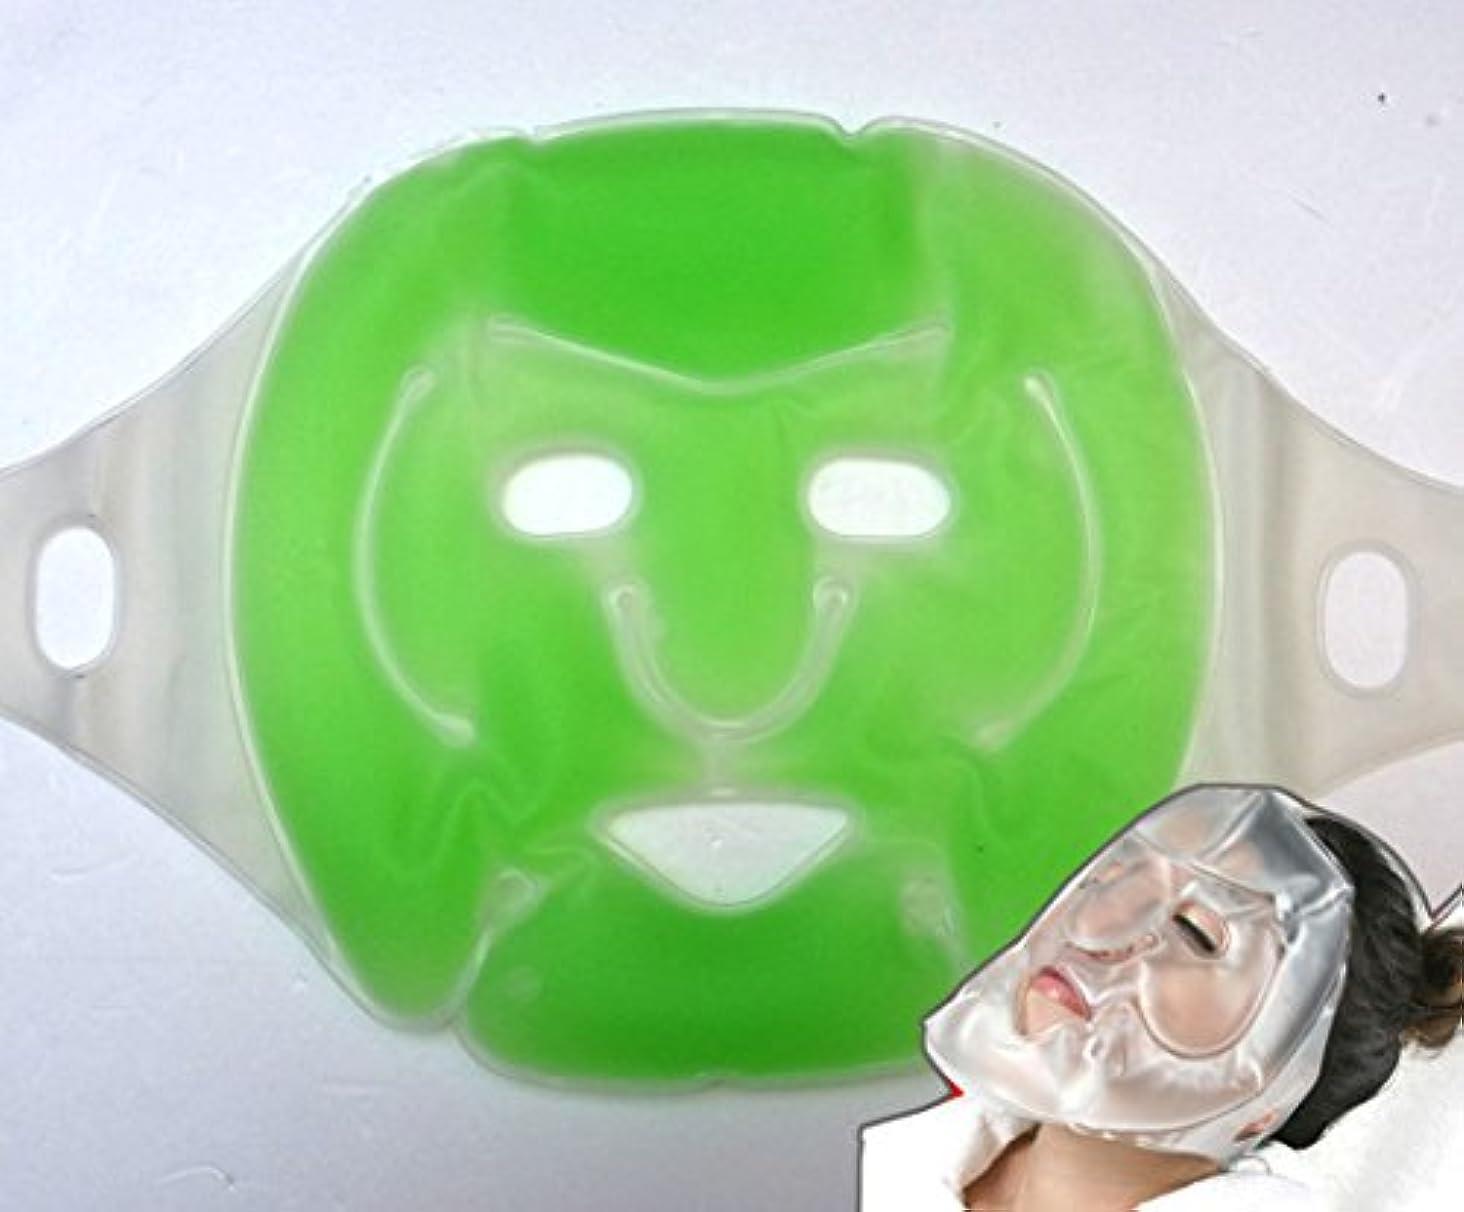 ラインナップ面倒見捨てられたフェイスマッサージクールアイスマスクパック半永久的なフェイシャルマッサージ 毛穴収縮/緑色/Face Cool Massage Ice Mask Pack Semi-permanent Facial Massager Contracting...